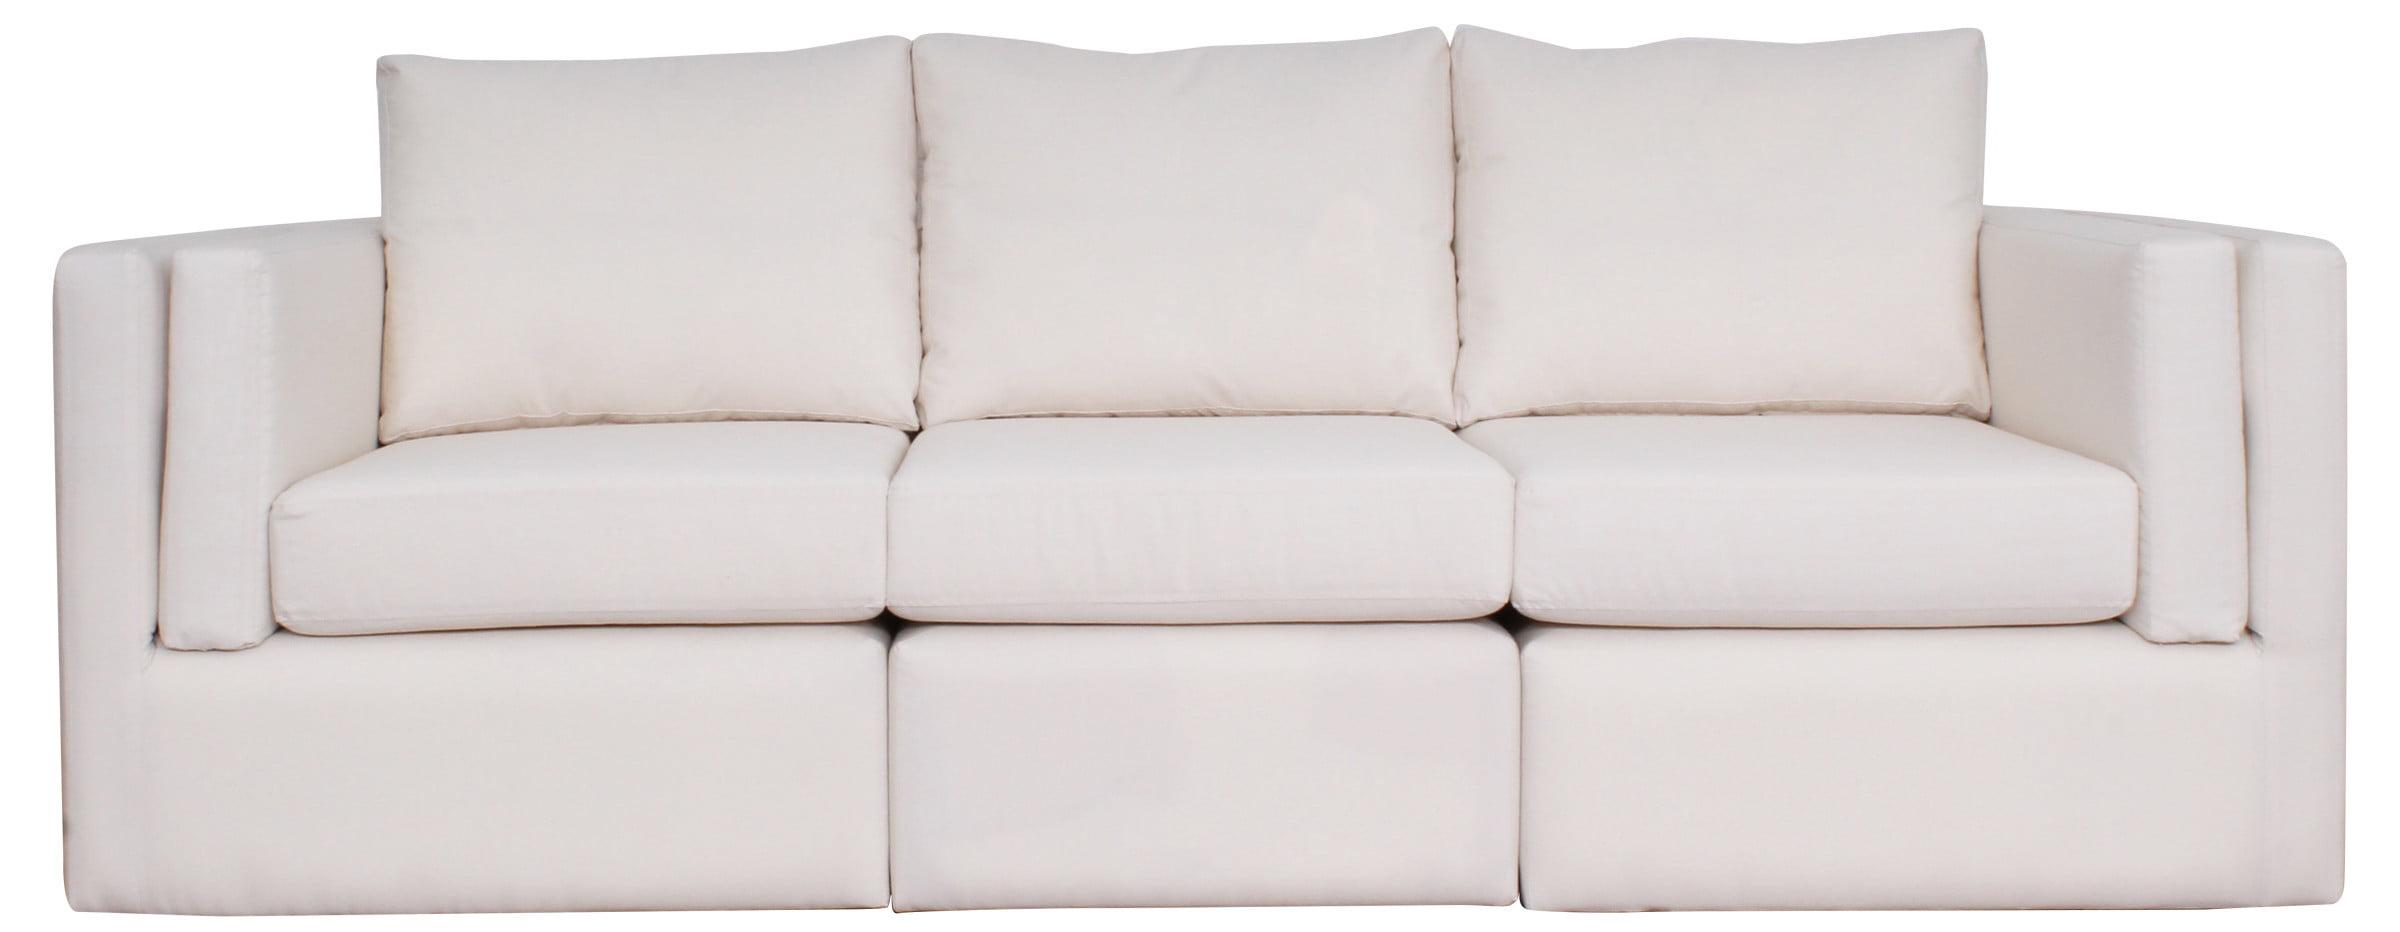 Sofa Modular 11